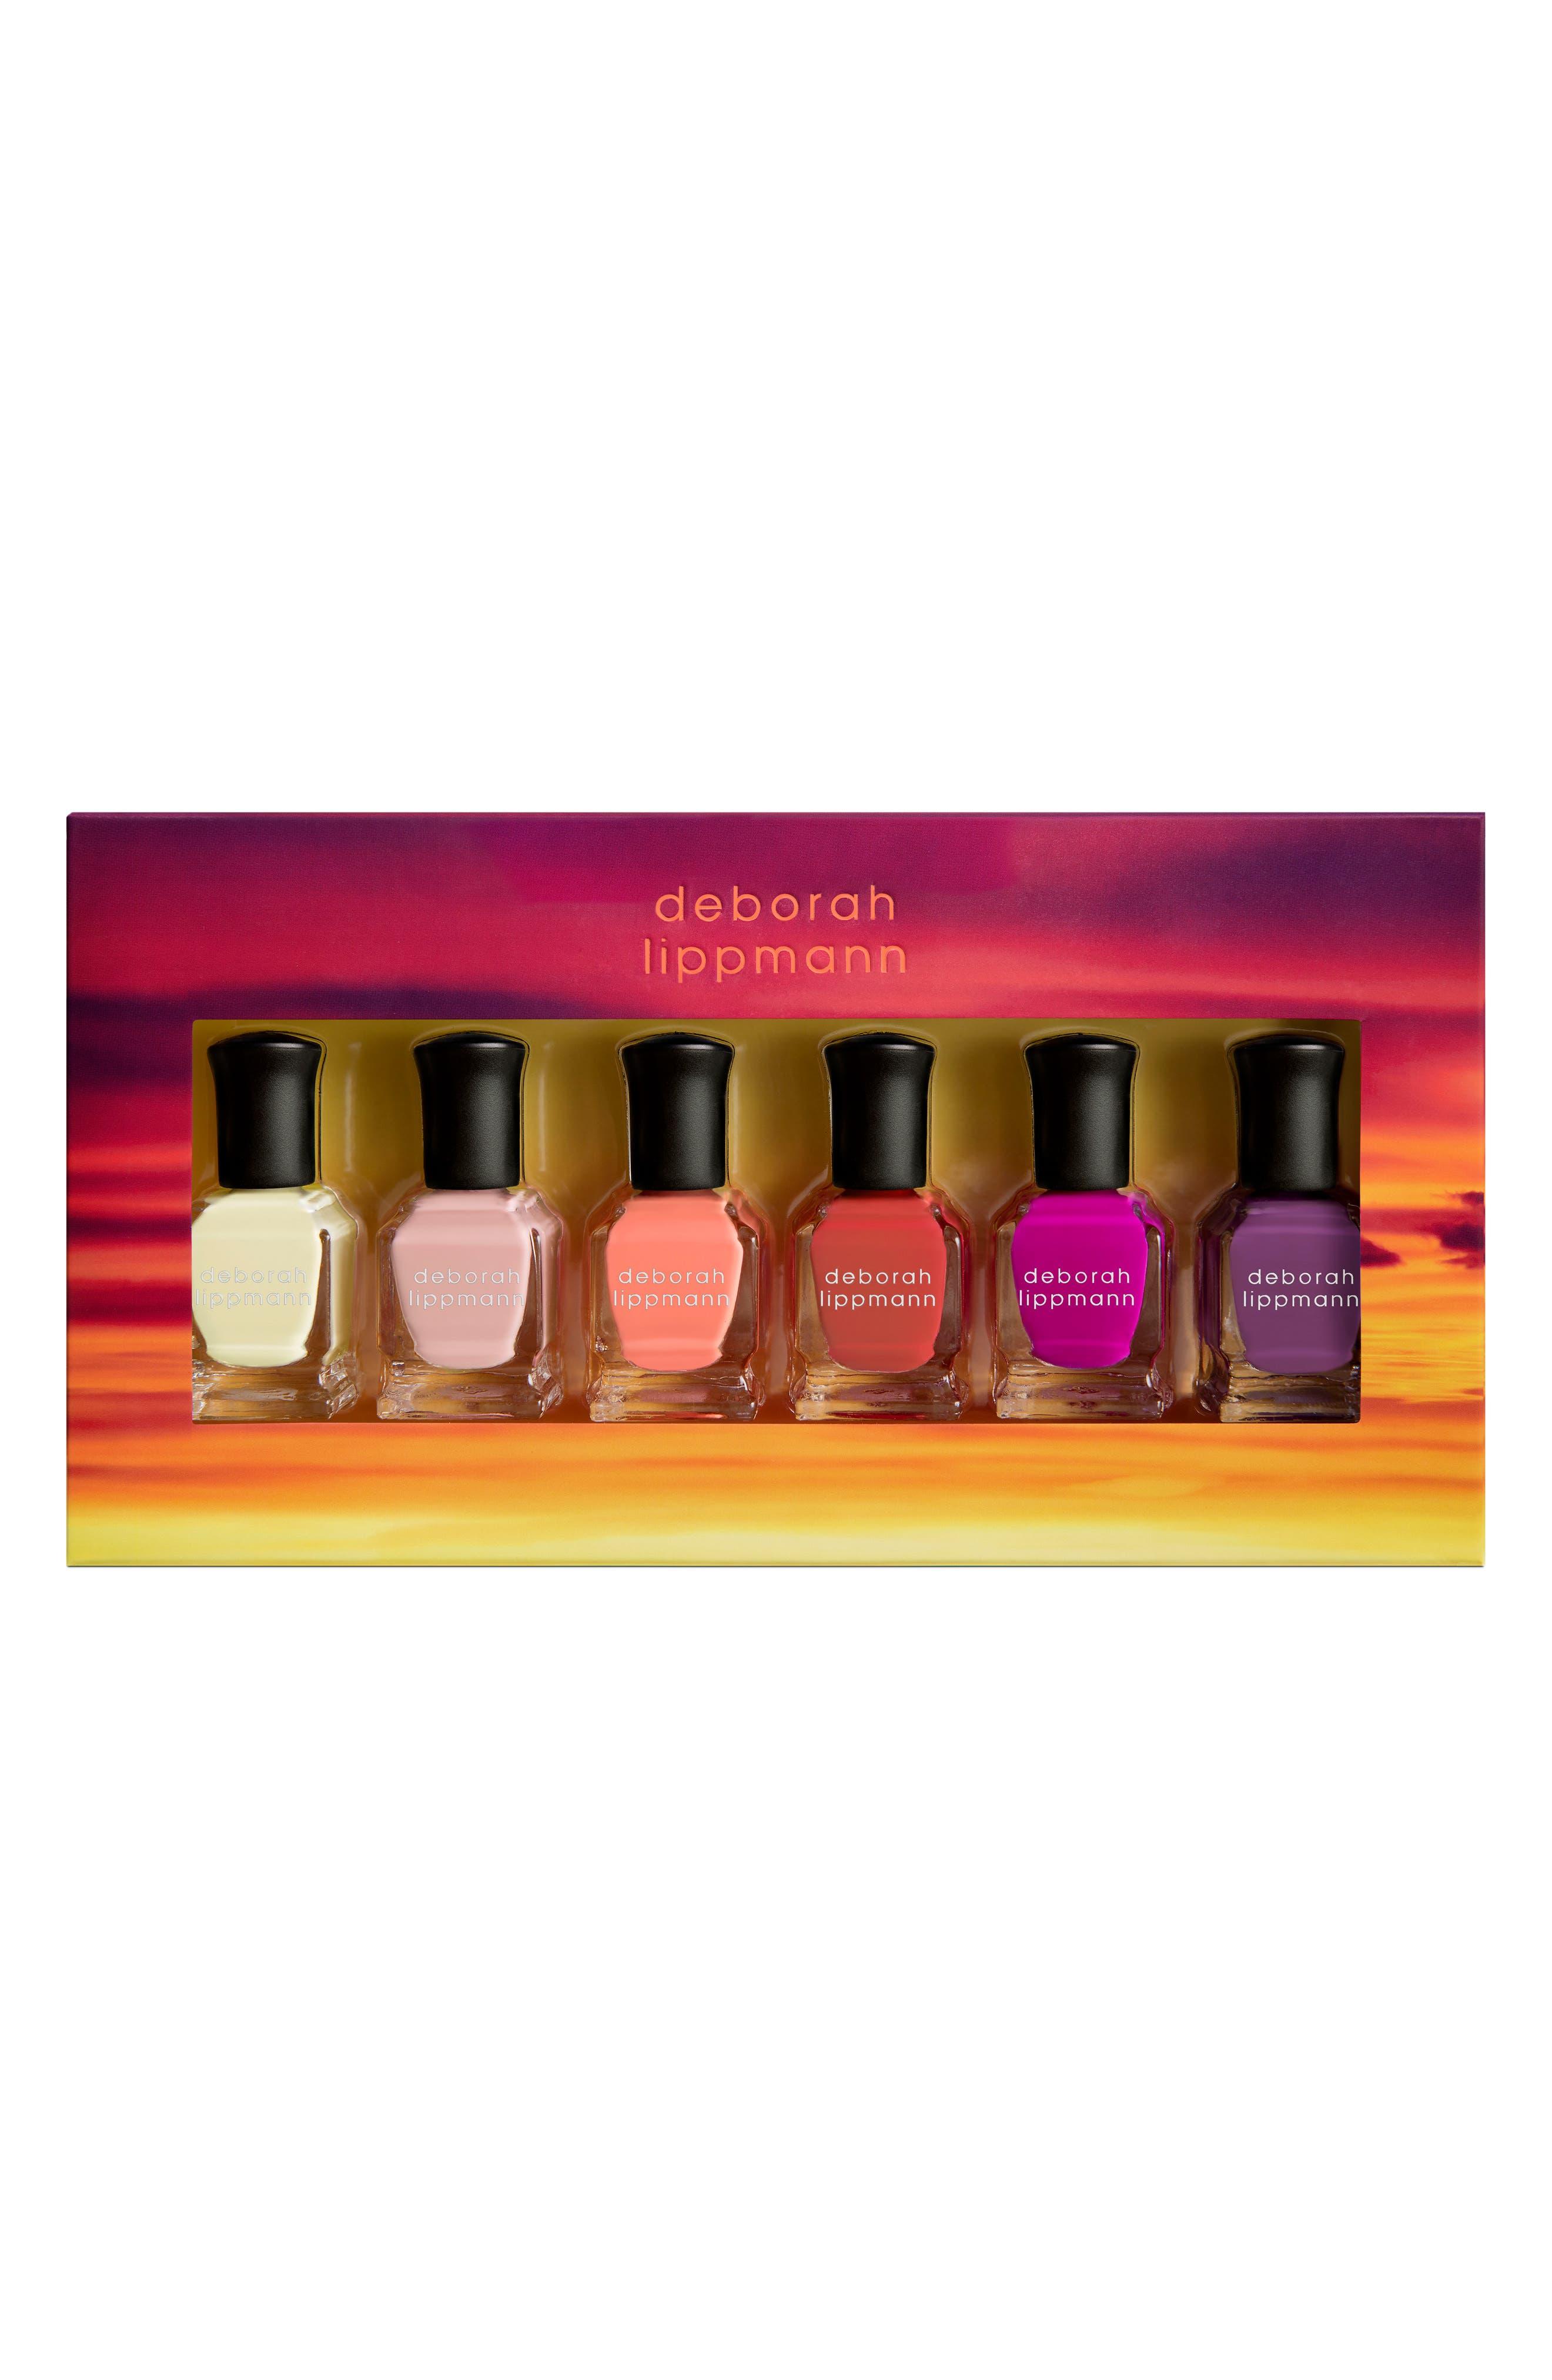 Makeup Sets Nails, Nail Polish, Nail Color, Nail Care | Nordstrom